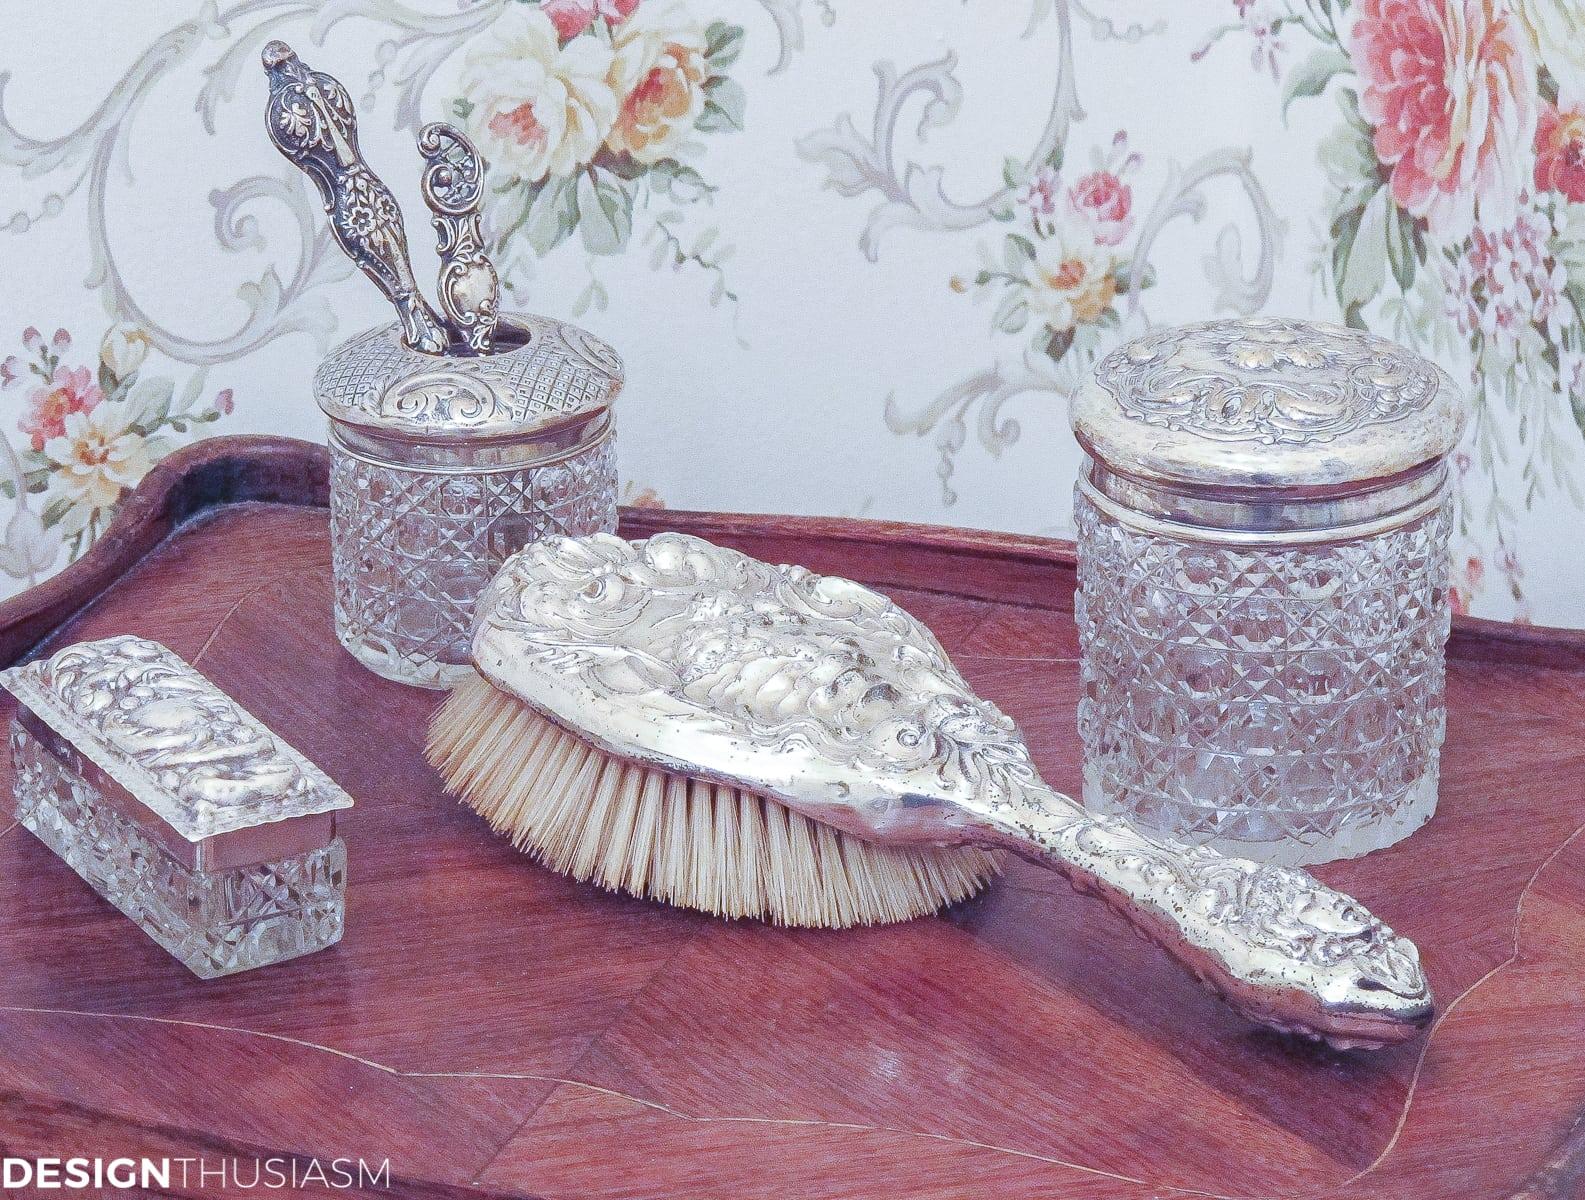 Transforming a Bland Powder Room into Lovely French Bathroom   Designthusiasm.com